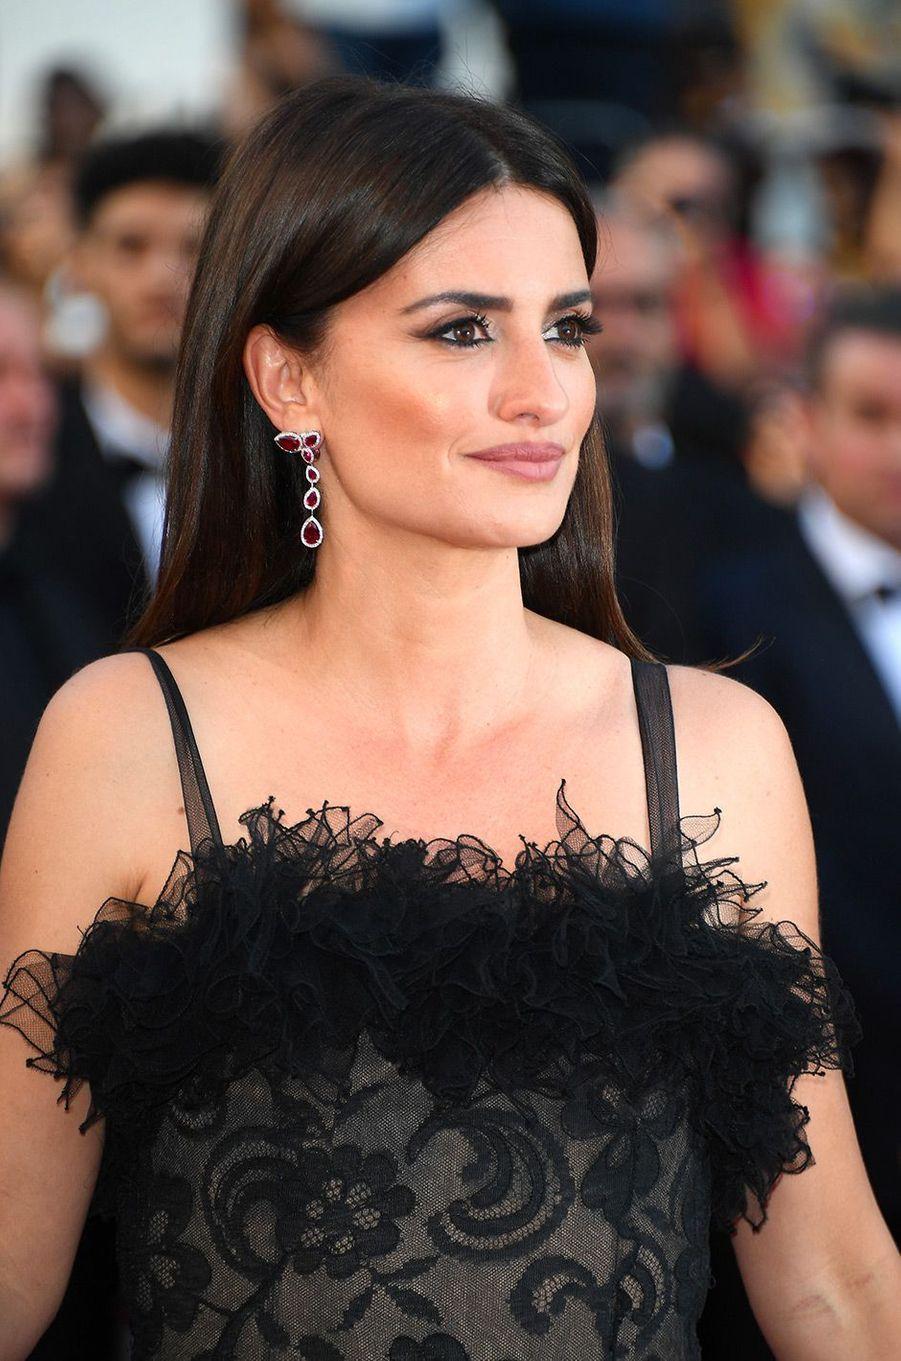 Penélope Cruz à la cérémonie d'ouverture du 71ème Festival de Cannes